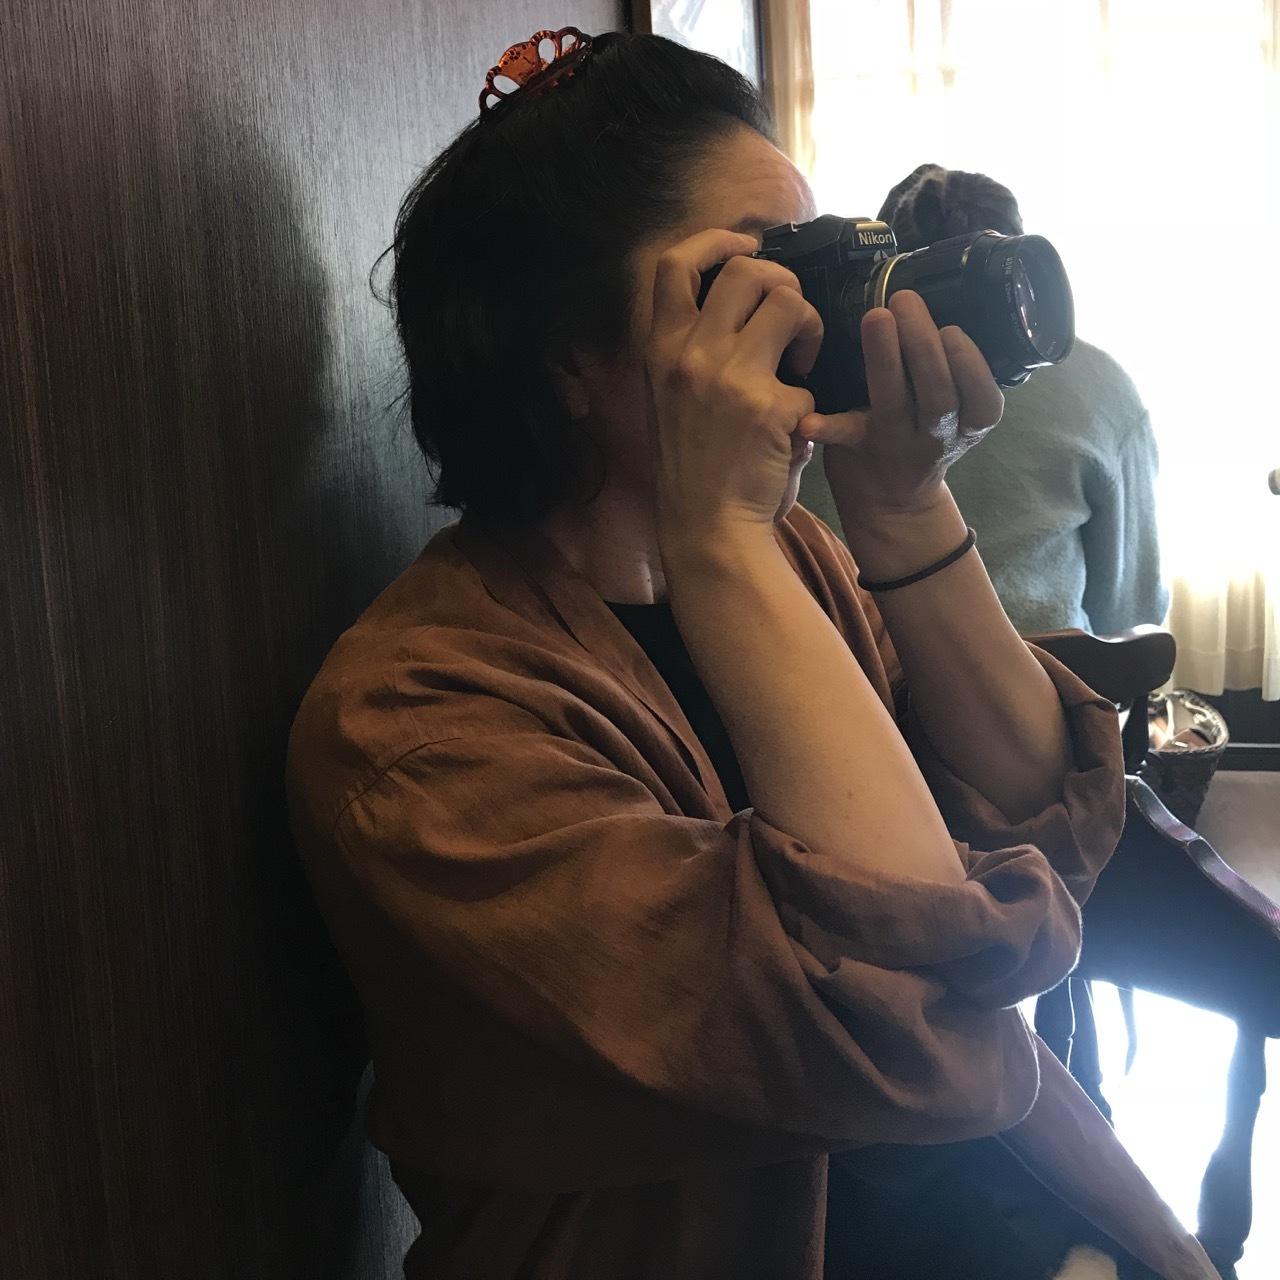 カメラ カメラ カメラ_f0170995_17560413.jpg